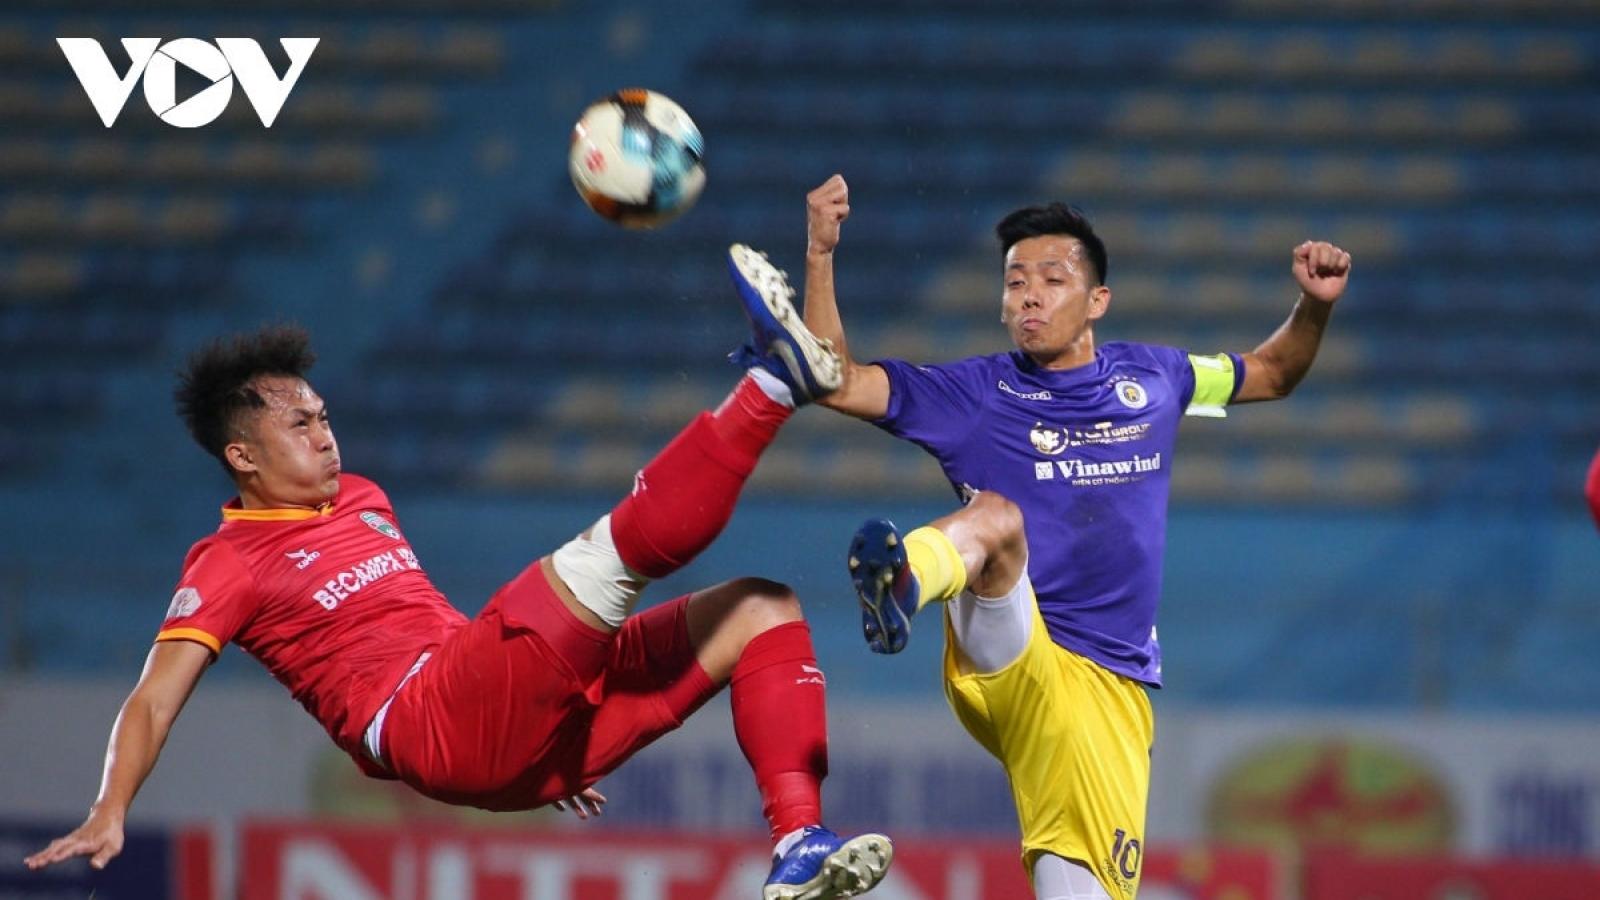 TRỰC TIẾP Hà Nội FC - Bình Dương: Quang Hải, Văn Quyết đọ sức Tiến Linh, Omar